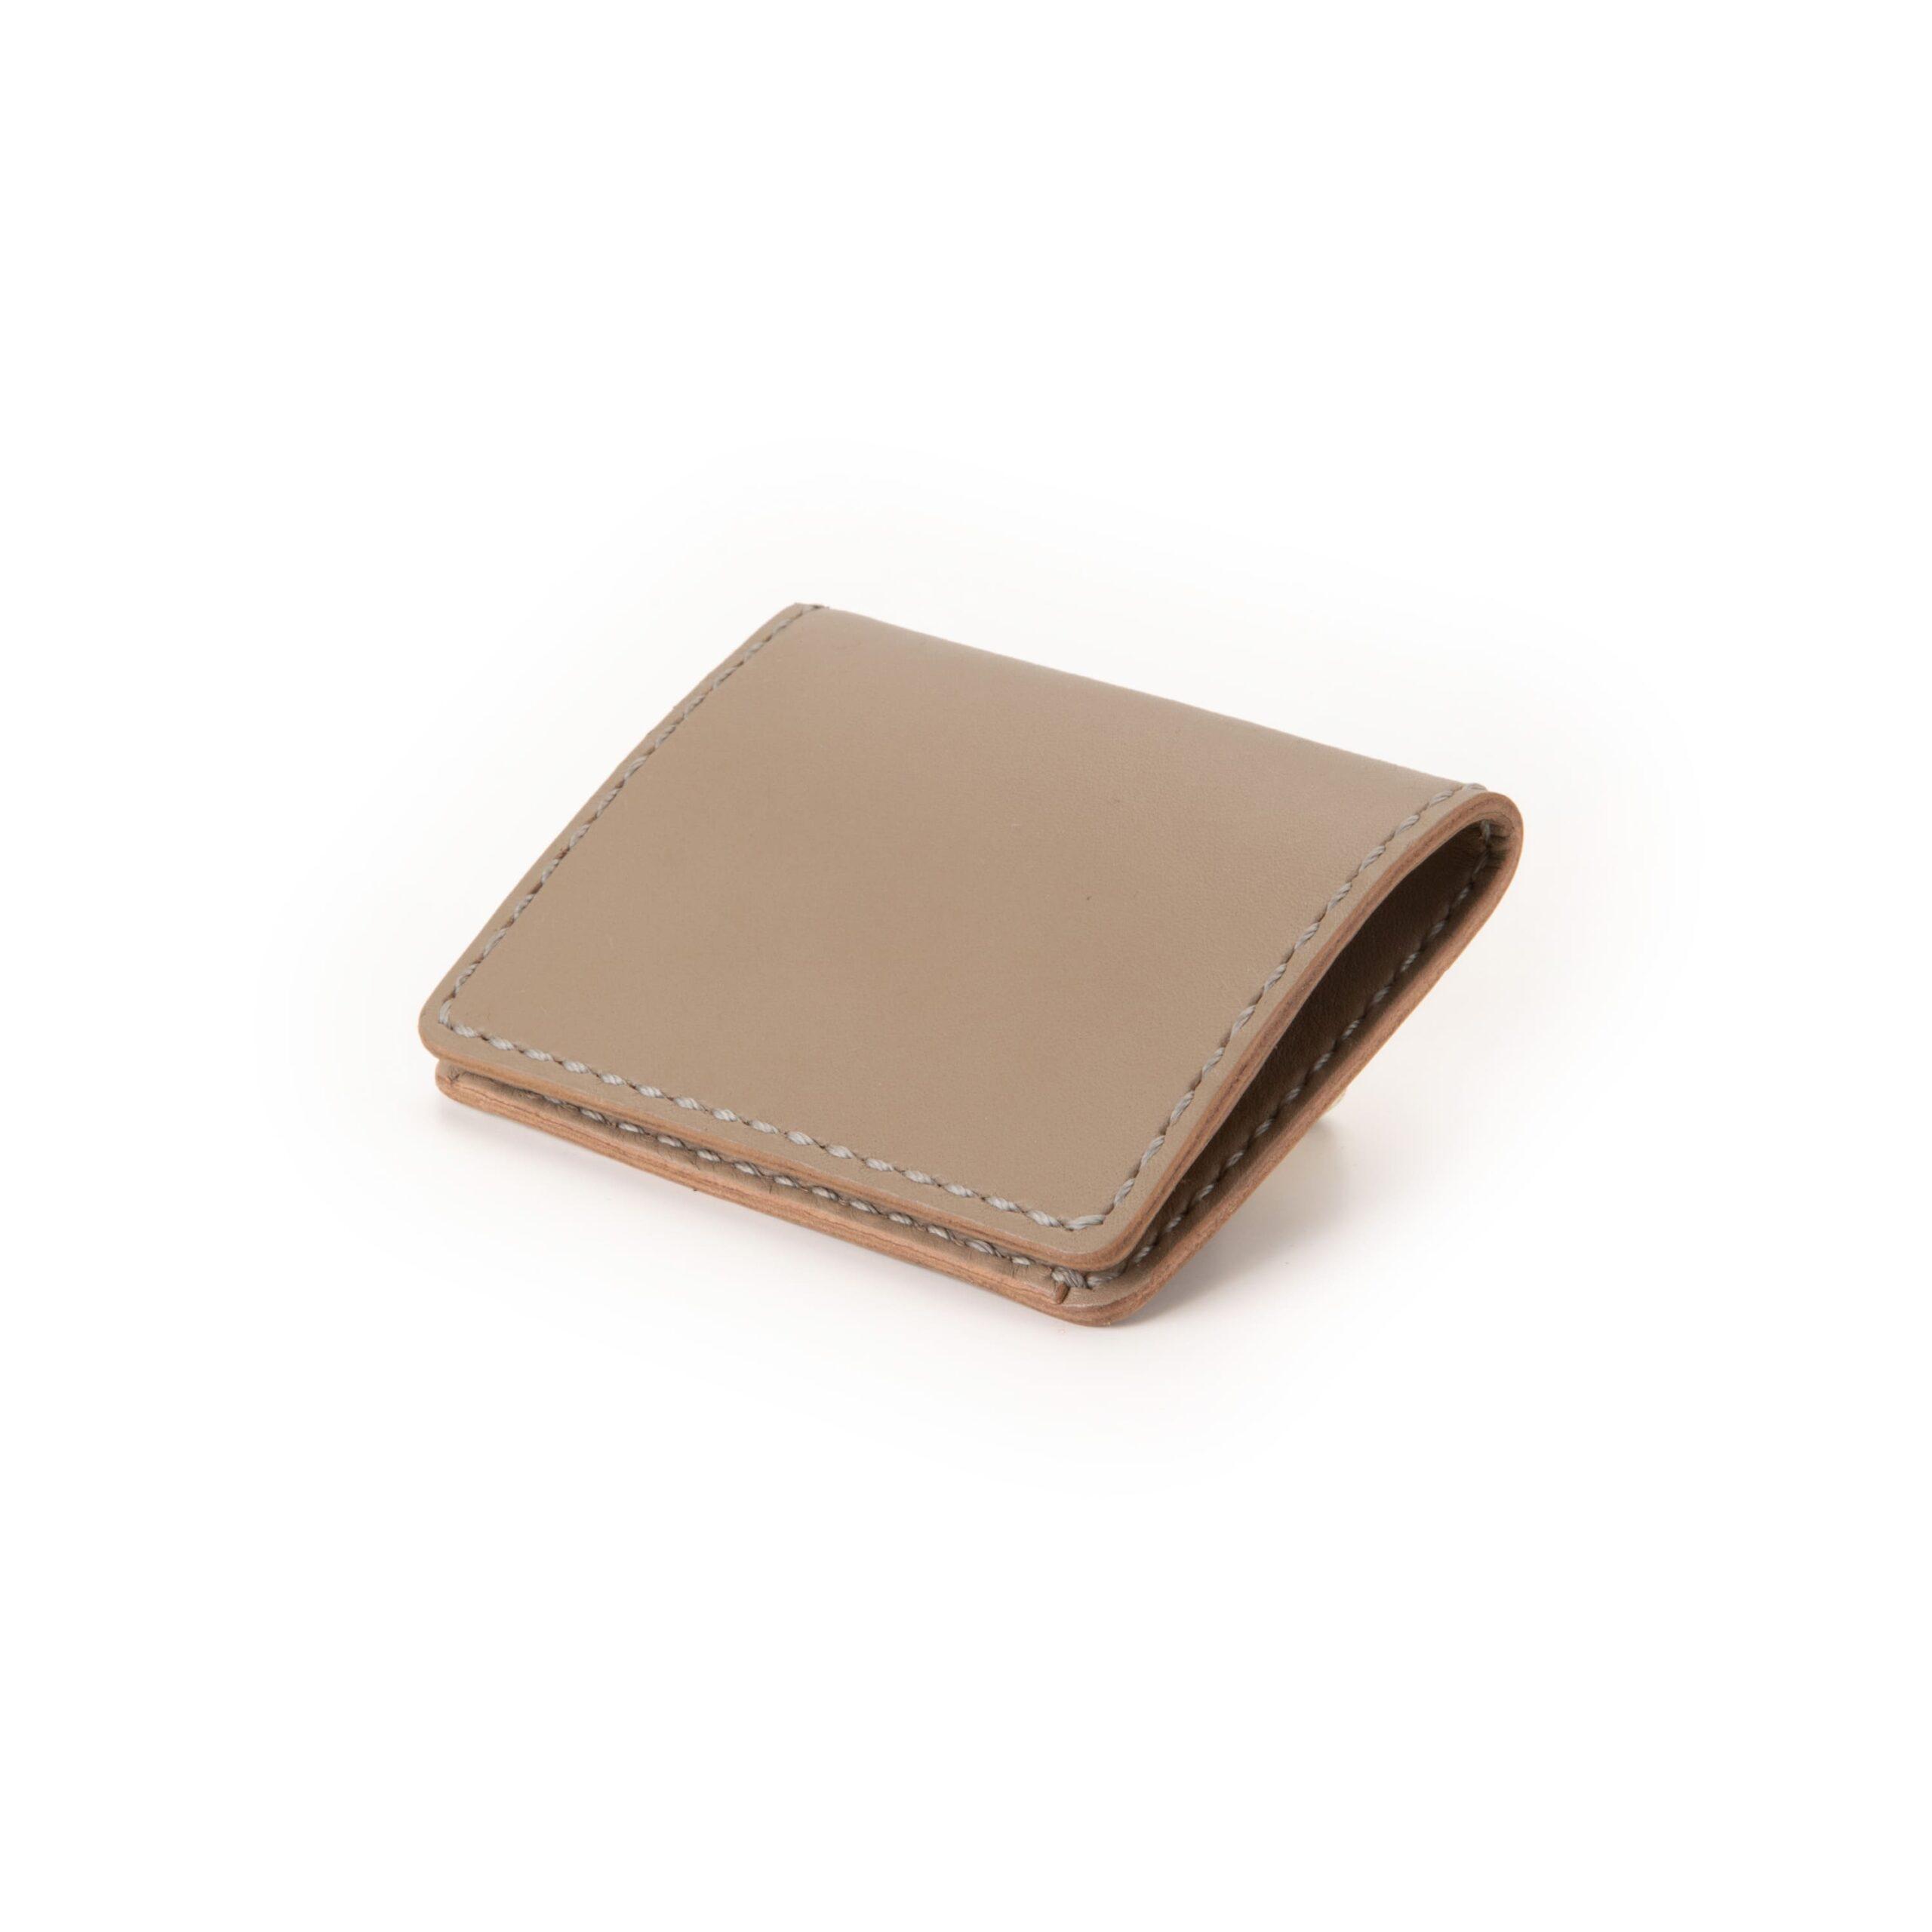 BOXコンパクト むくり 革コインケース